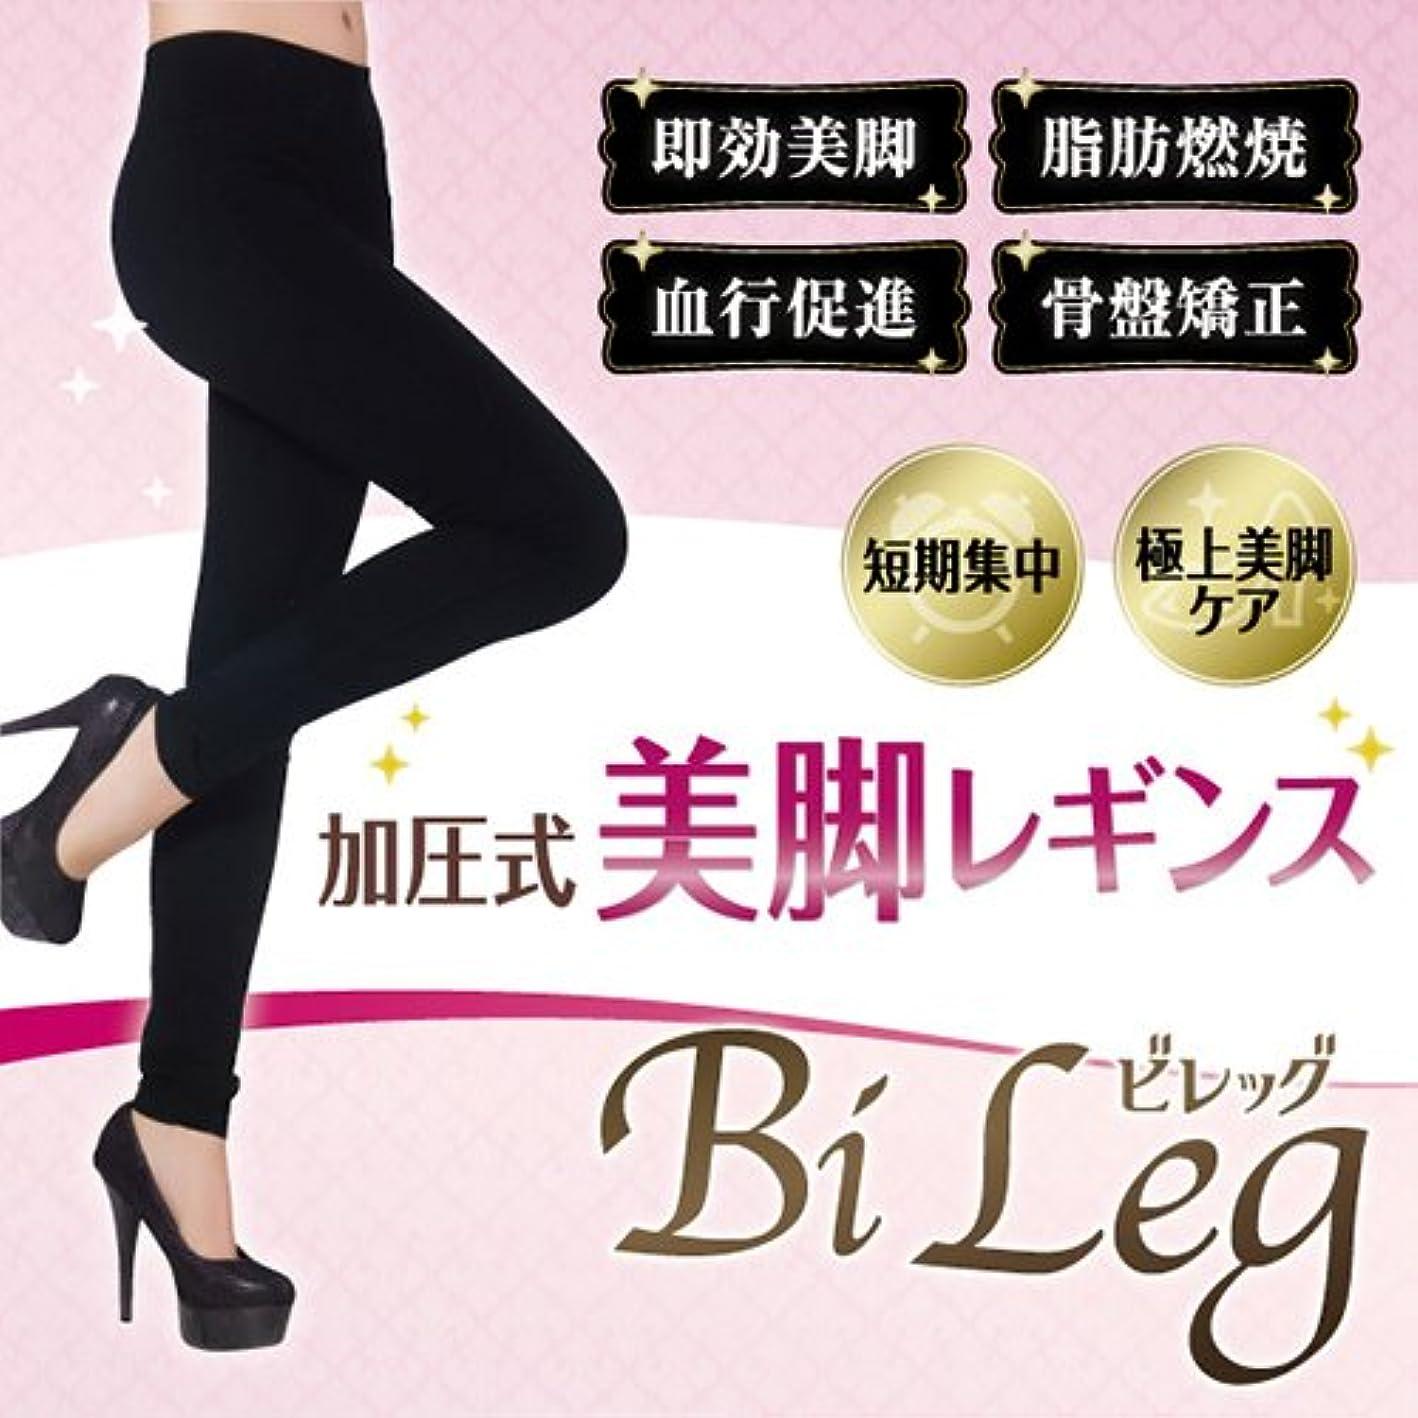 腰二十戻る【単品】Bi Leg-ビレッグ-